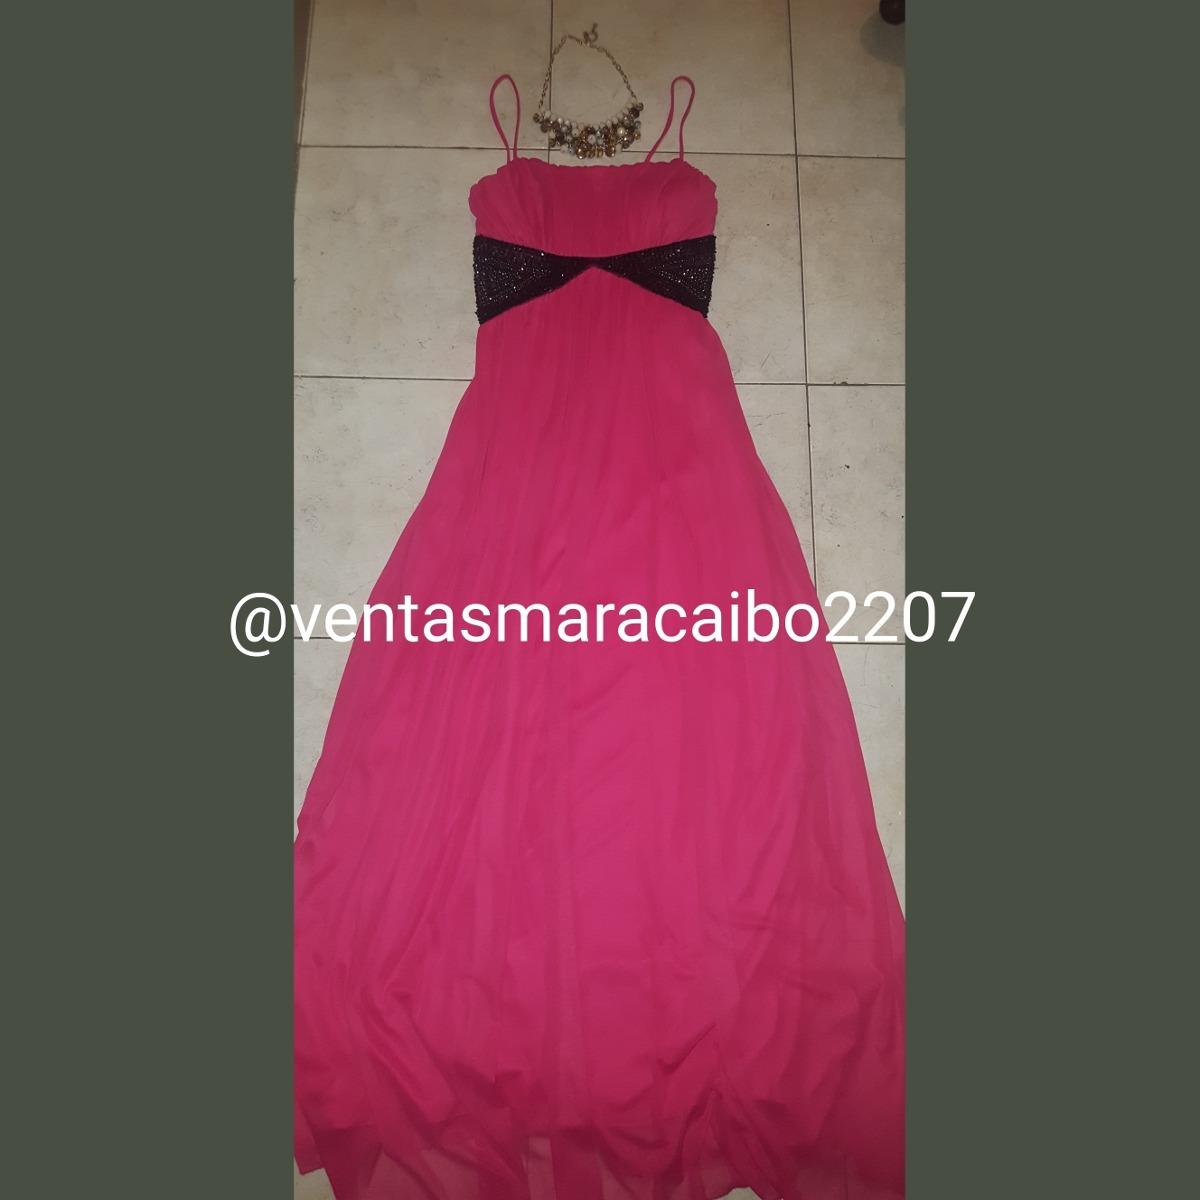 Dorable 80 Vestidos De Fiesta Imágenes - Colección de Vestidos de ...